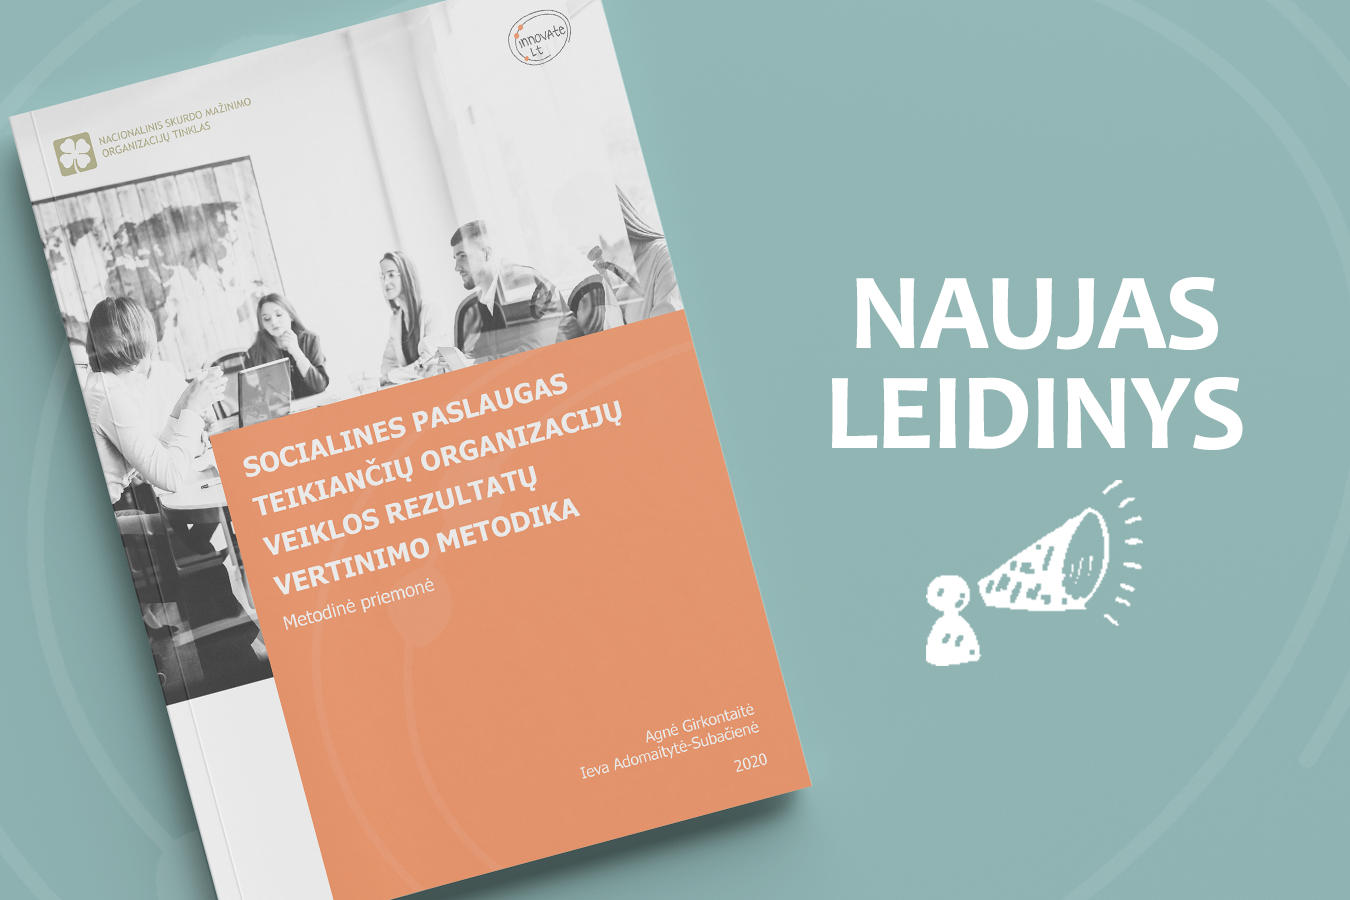 Socialines paslaugas teikiančių organizacijų rezultatų vertinimo metodika